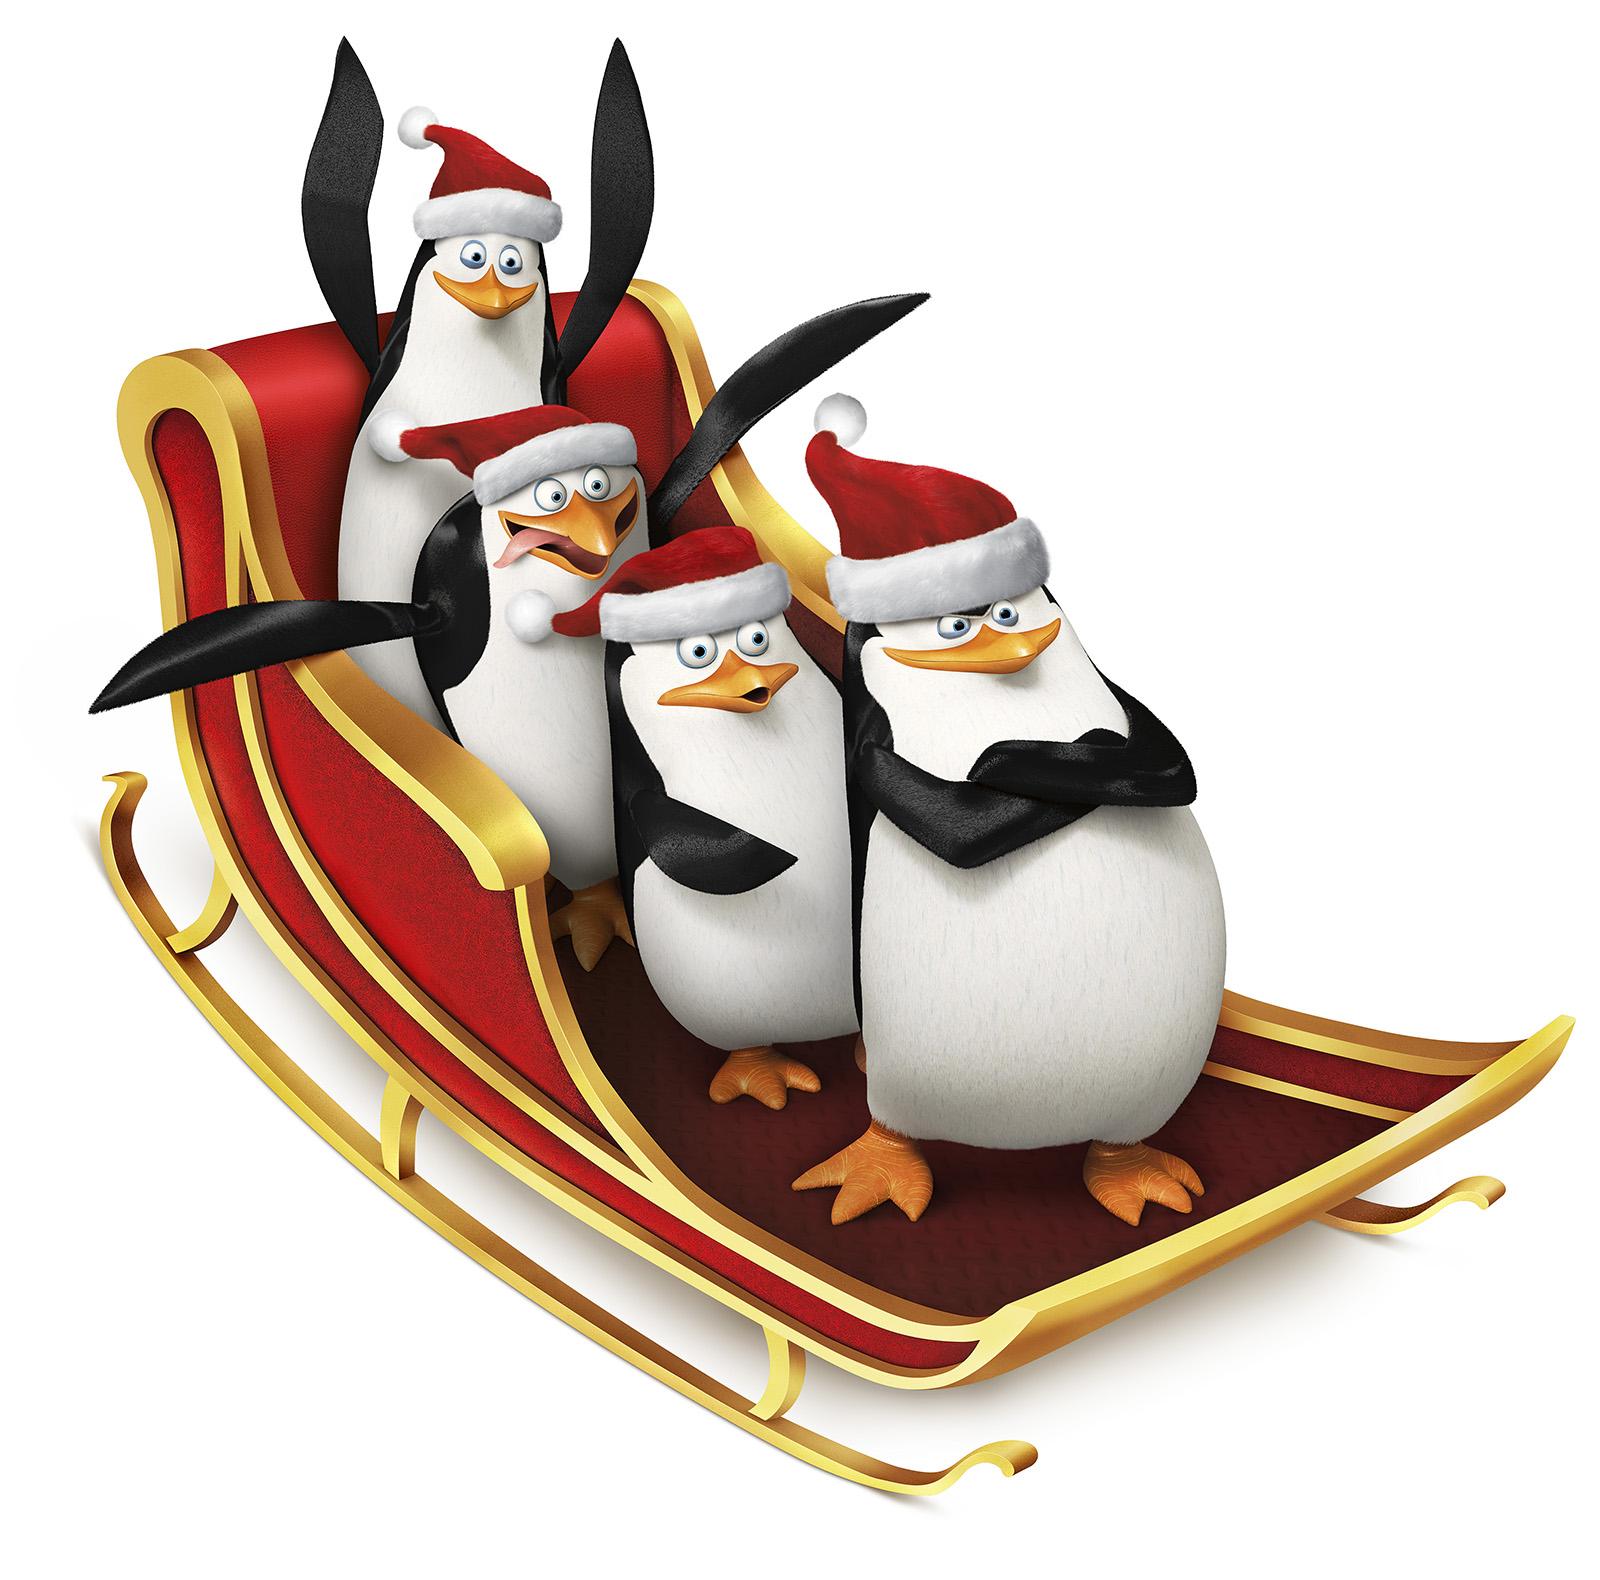 Bild von Die Pinguine aus Madagascar - Bild 40 auf 63